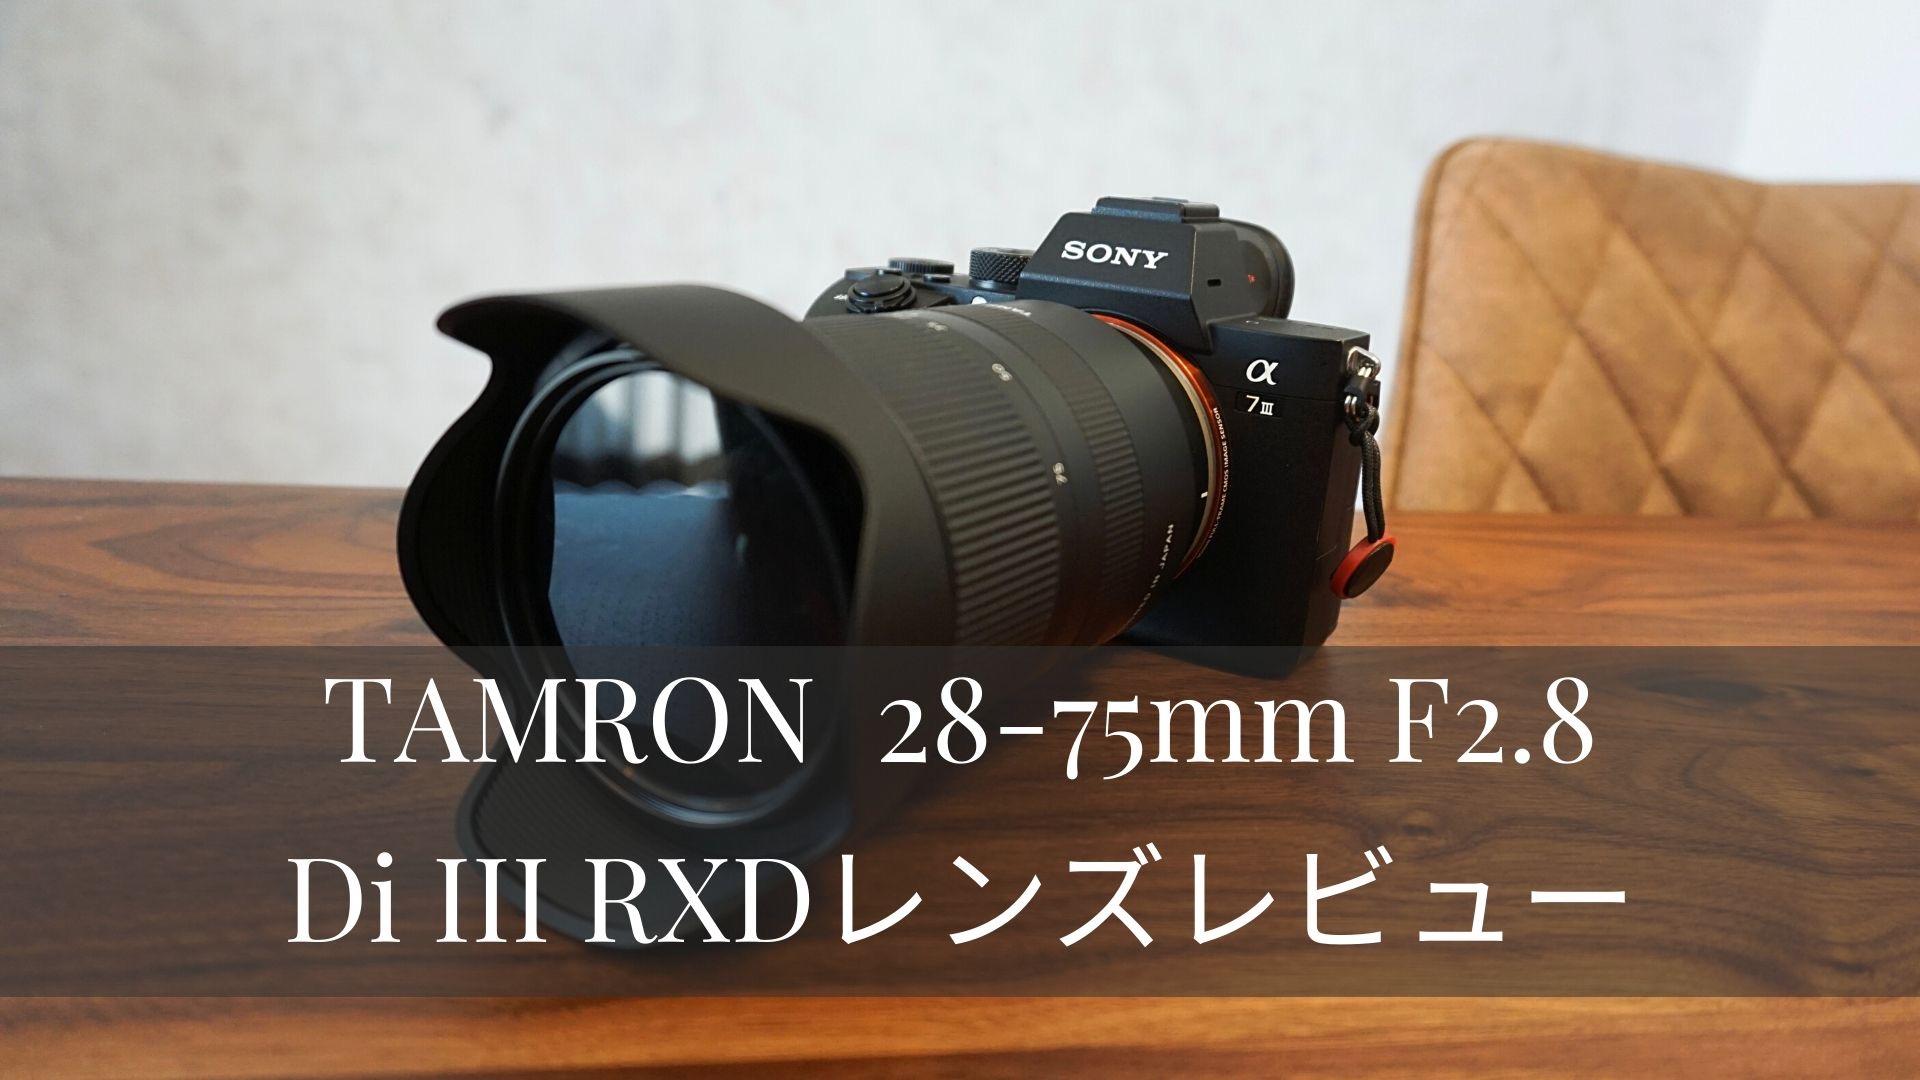 【レビュー】Tamron 28-75mm f2.8 lens【sony Emount】